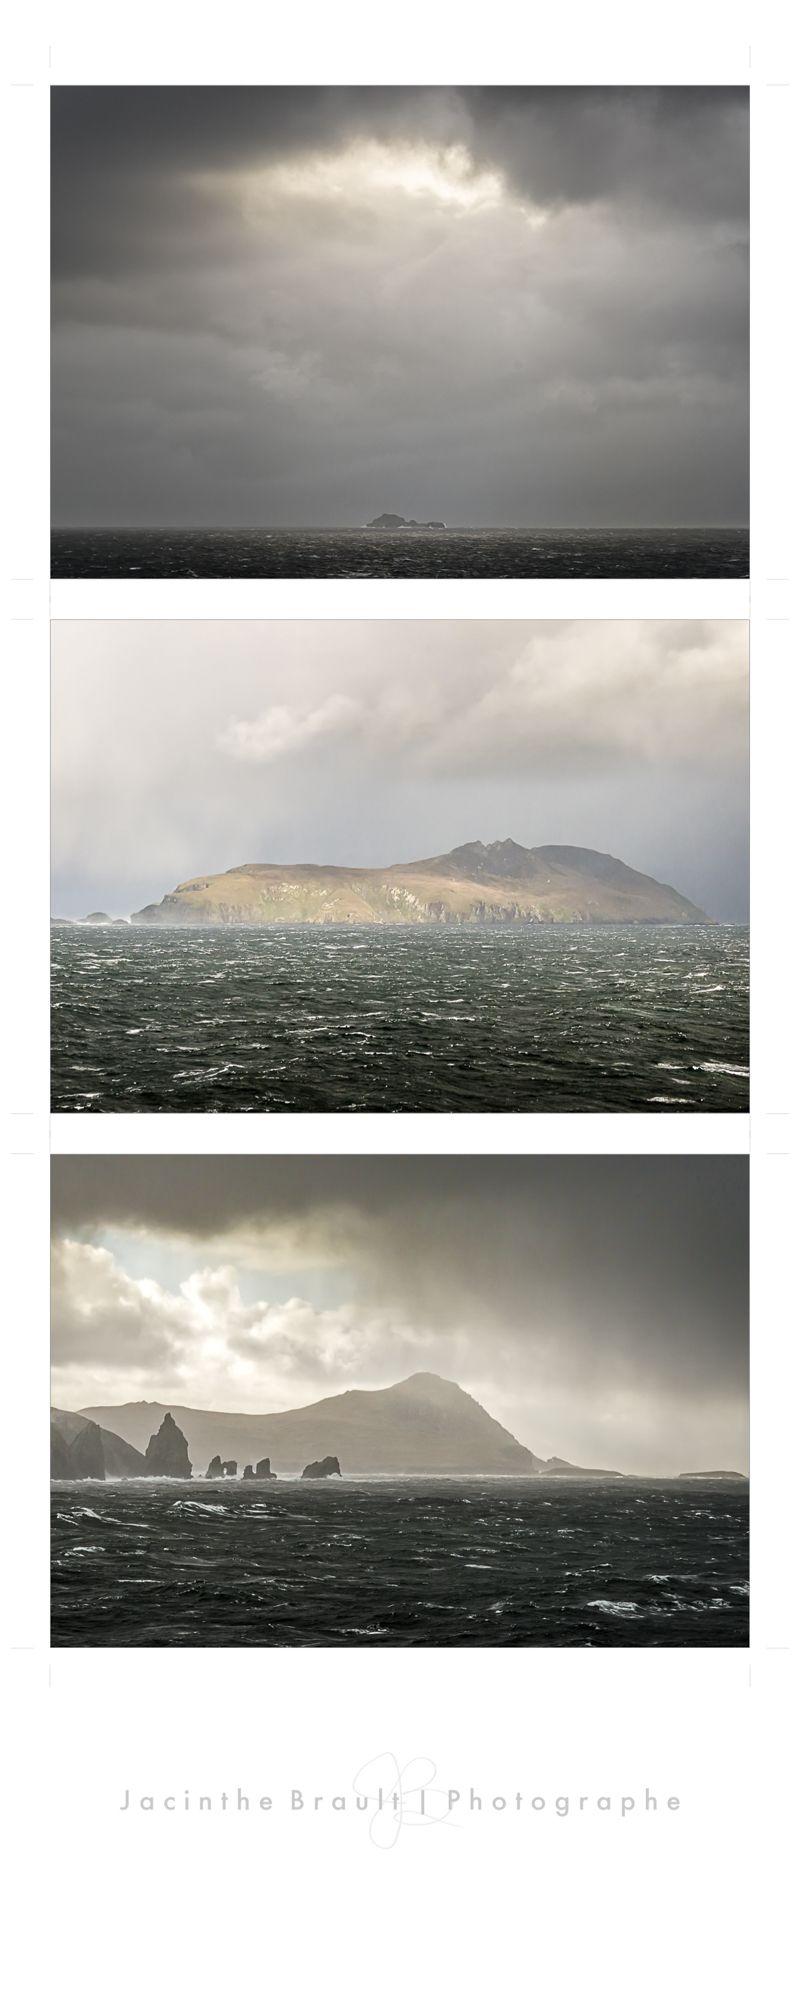 Cliquez ici pour voir des photos et un vidéo prises alors que nous faisions le tour du Cap Horn au Chili / Click here to see pictures as well as a short video of Cape Horn #CapeHorn, #Chile, #wind,#scenic,#travel, #SouthAmerica